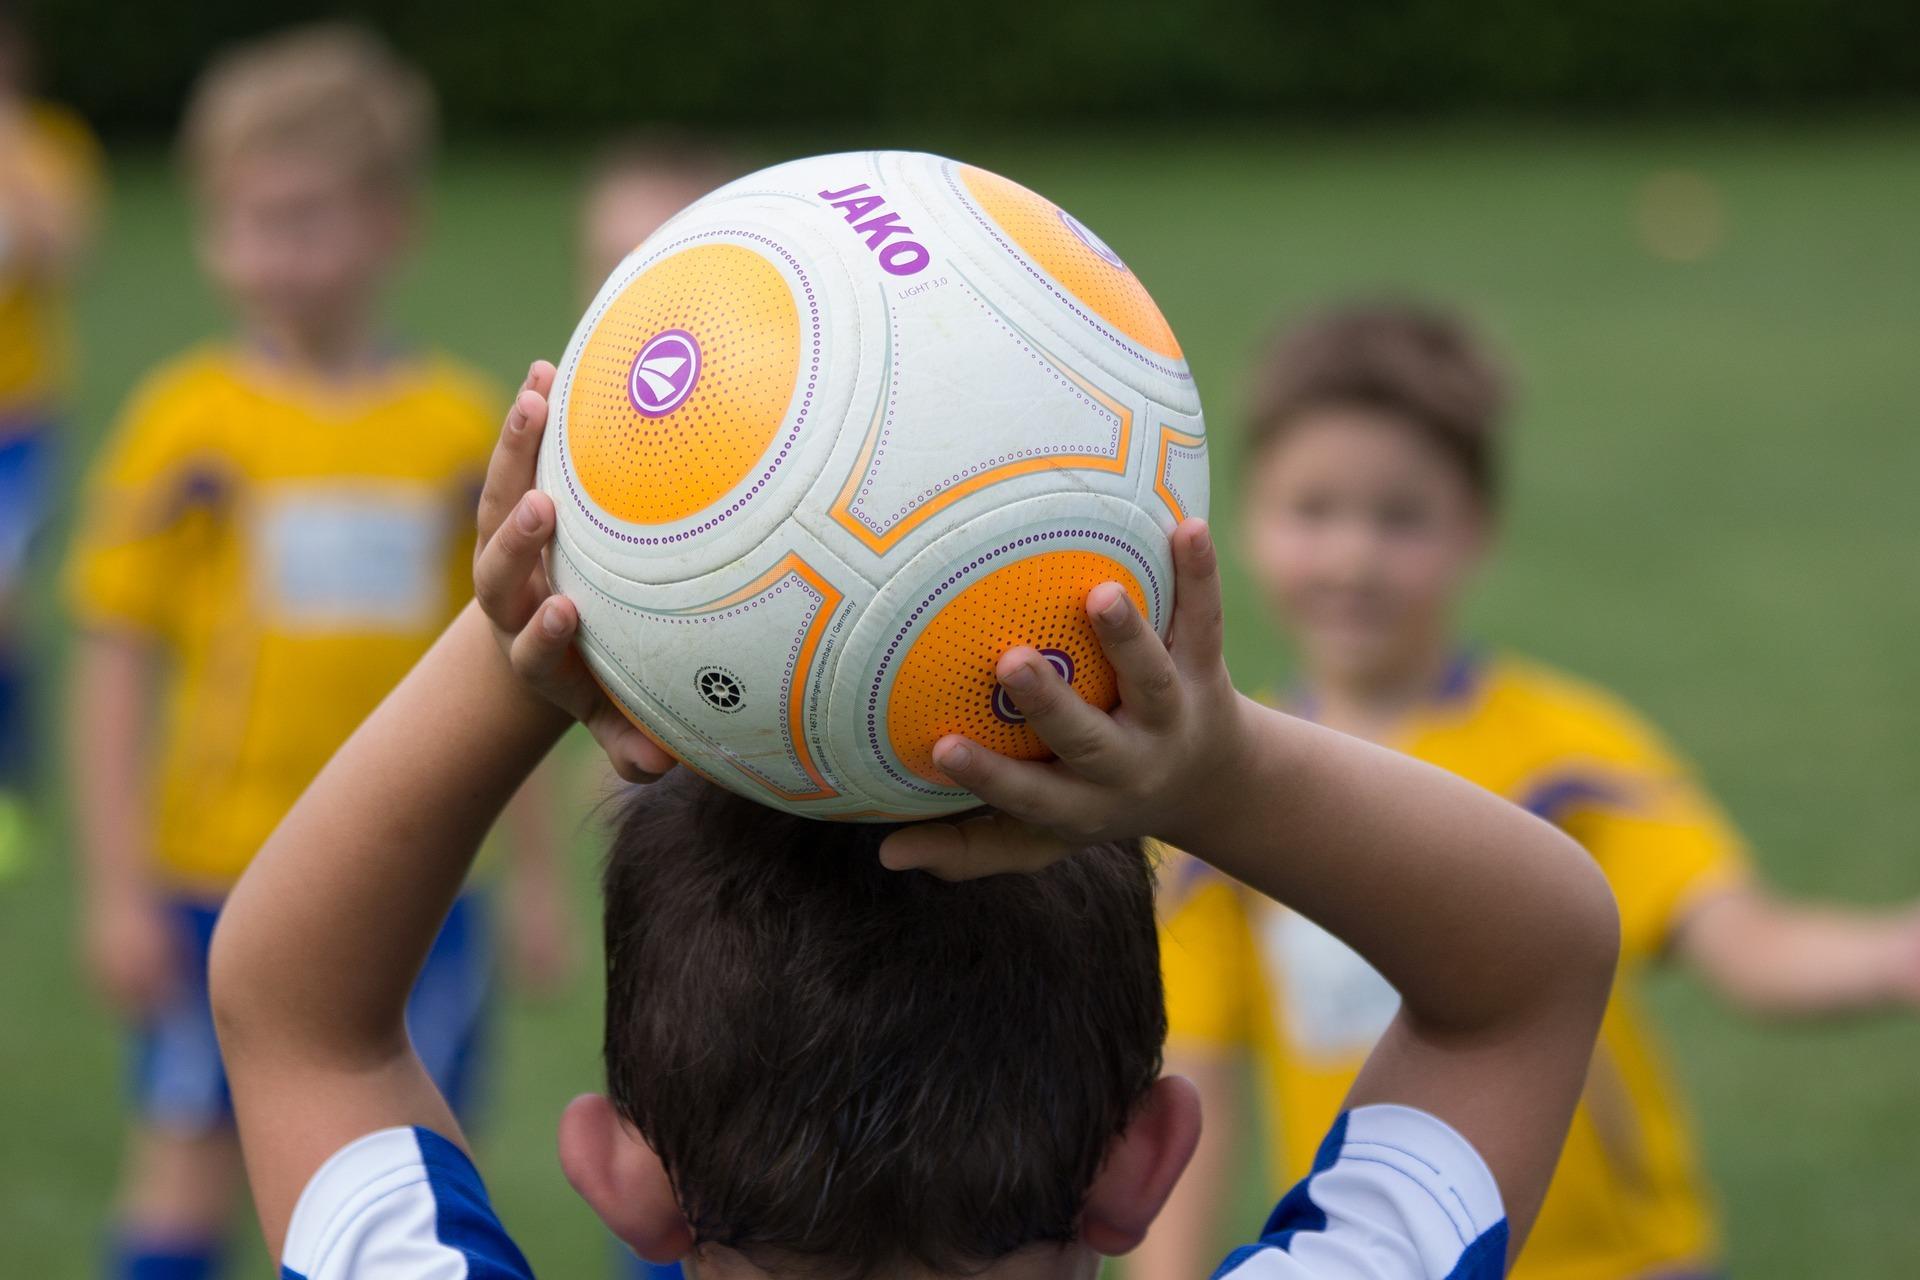 Neues Bambini Team beim TSV Königsbrunn - Jetzt anmelden!